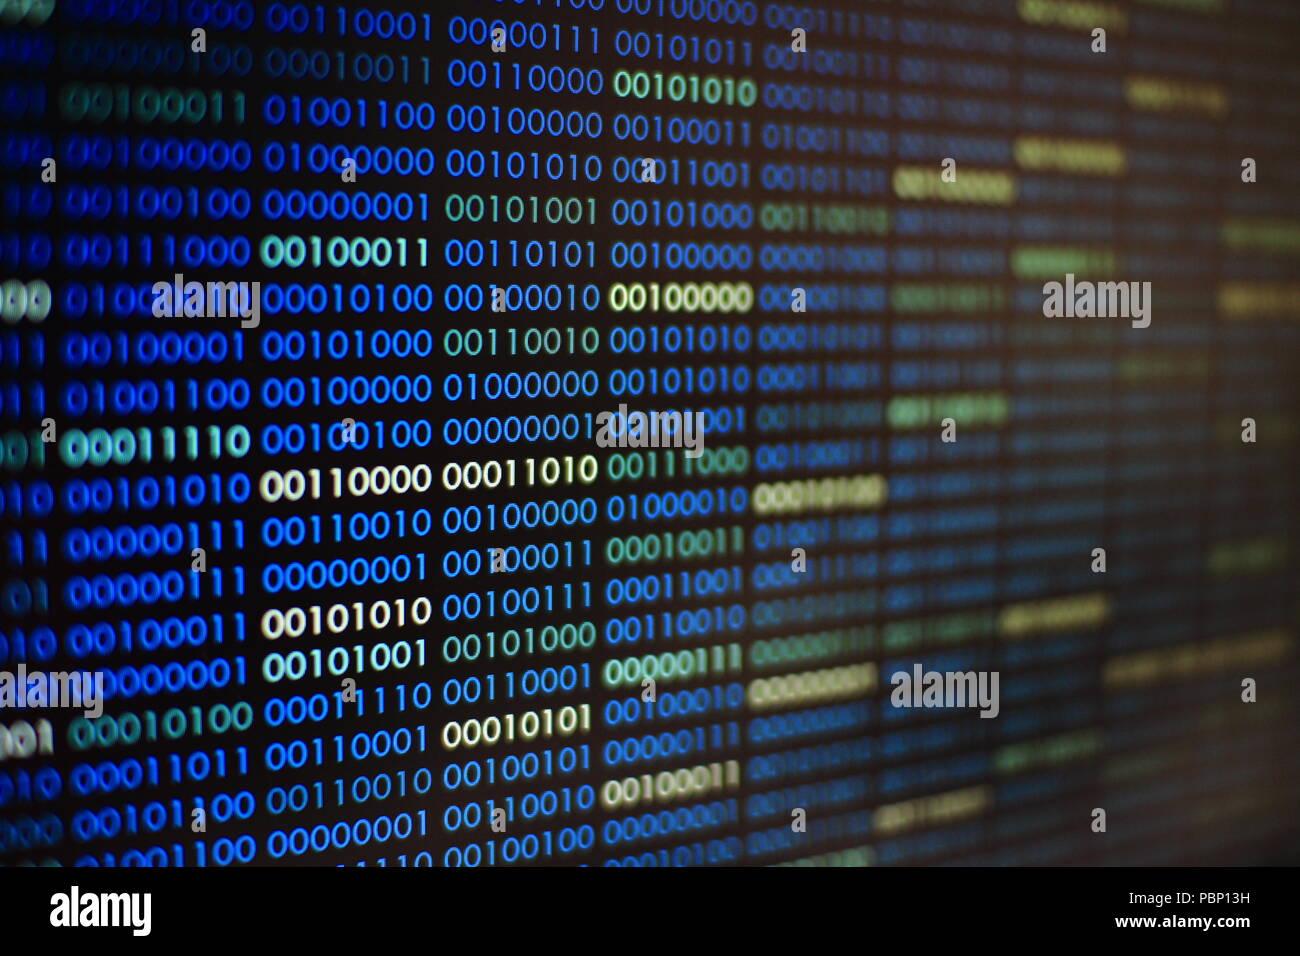 Code binaire bleu. blocs de données binaires. Blockchain concept. fond bleu avec code binaire numérique ordinateur Numéro de bit l'un et zéro texte. Photo Stock